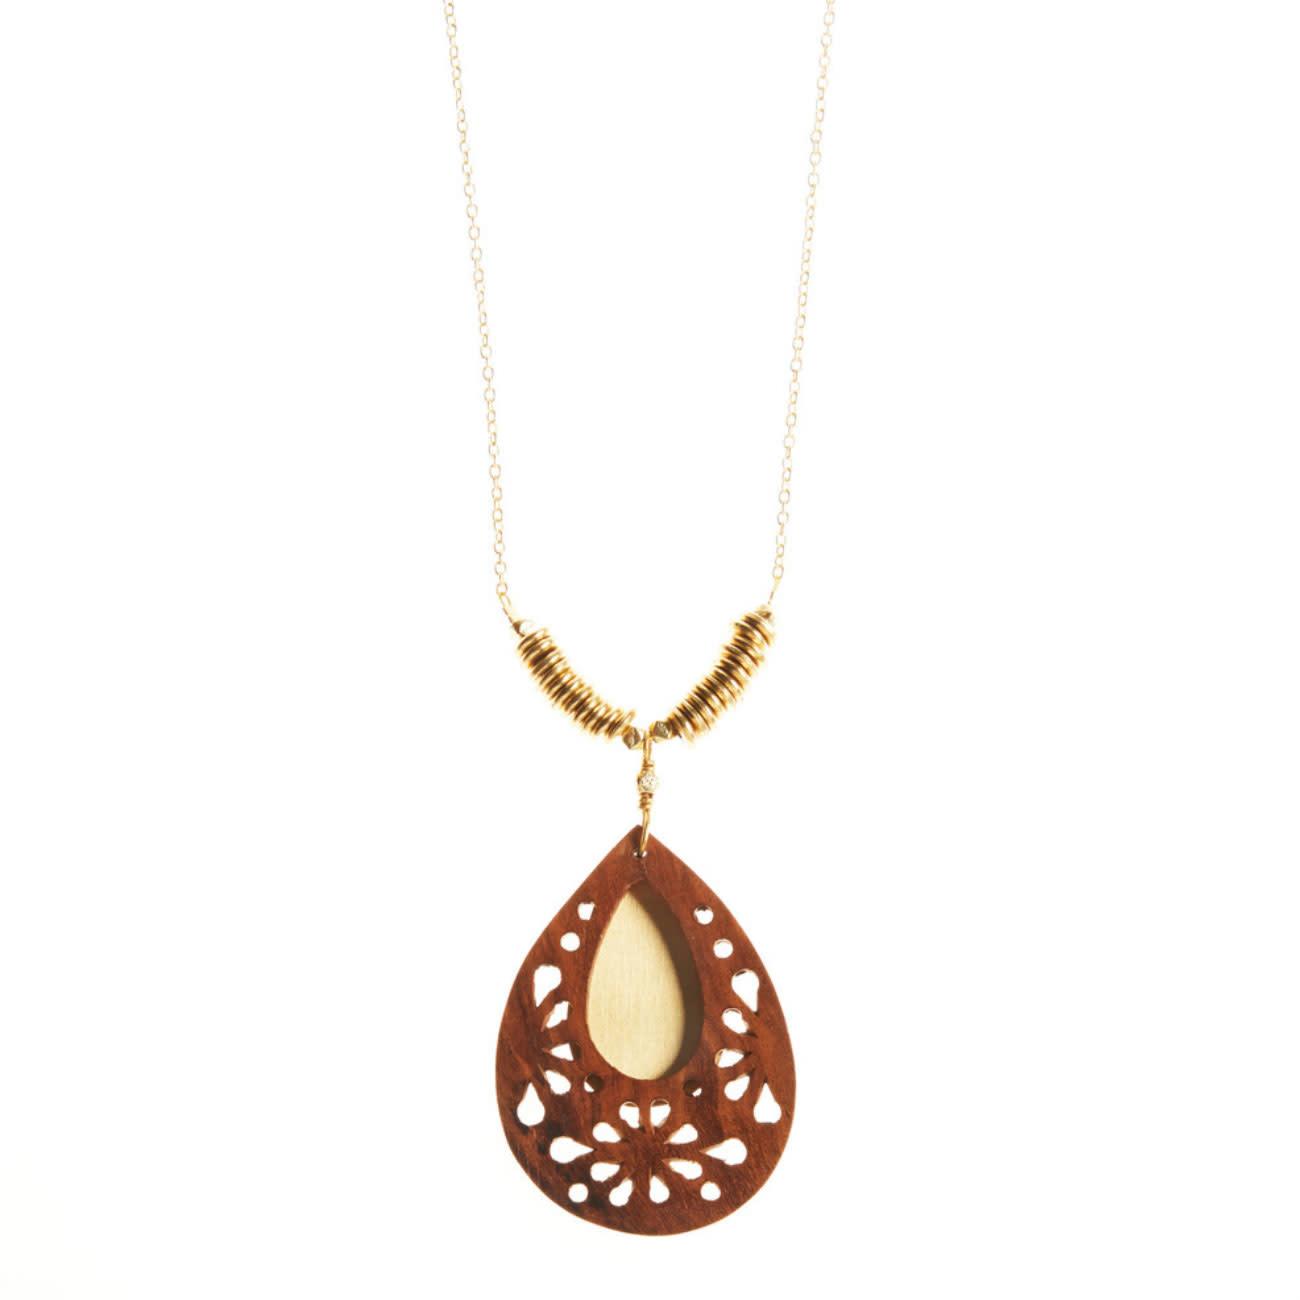 SERRV Woodflower Teardrop Pendant Necklace